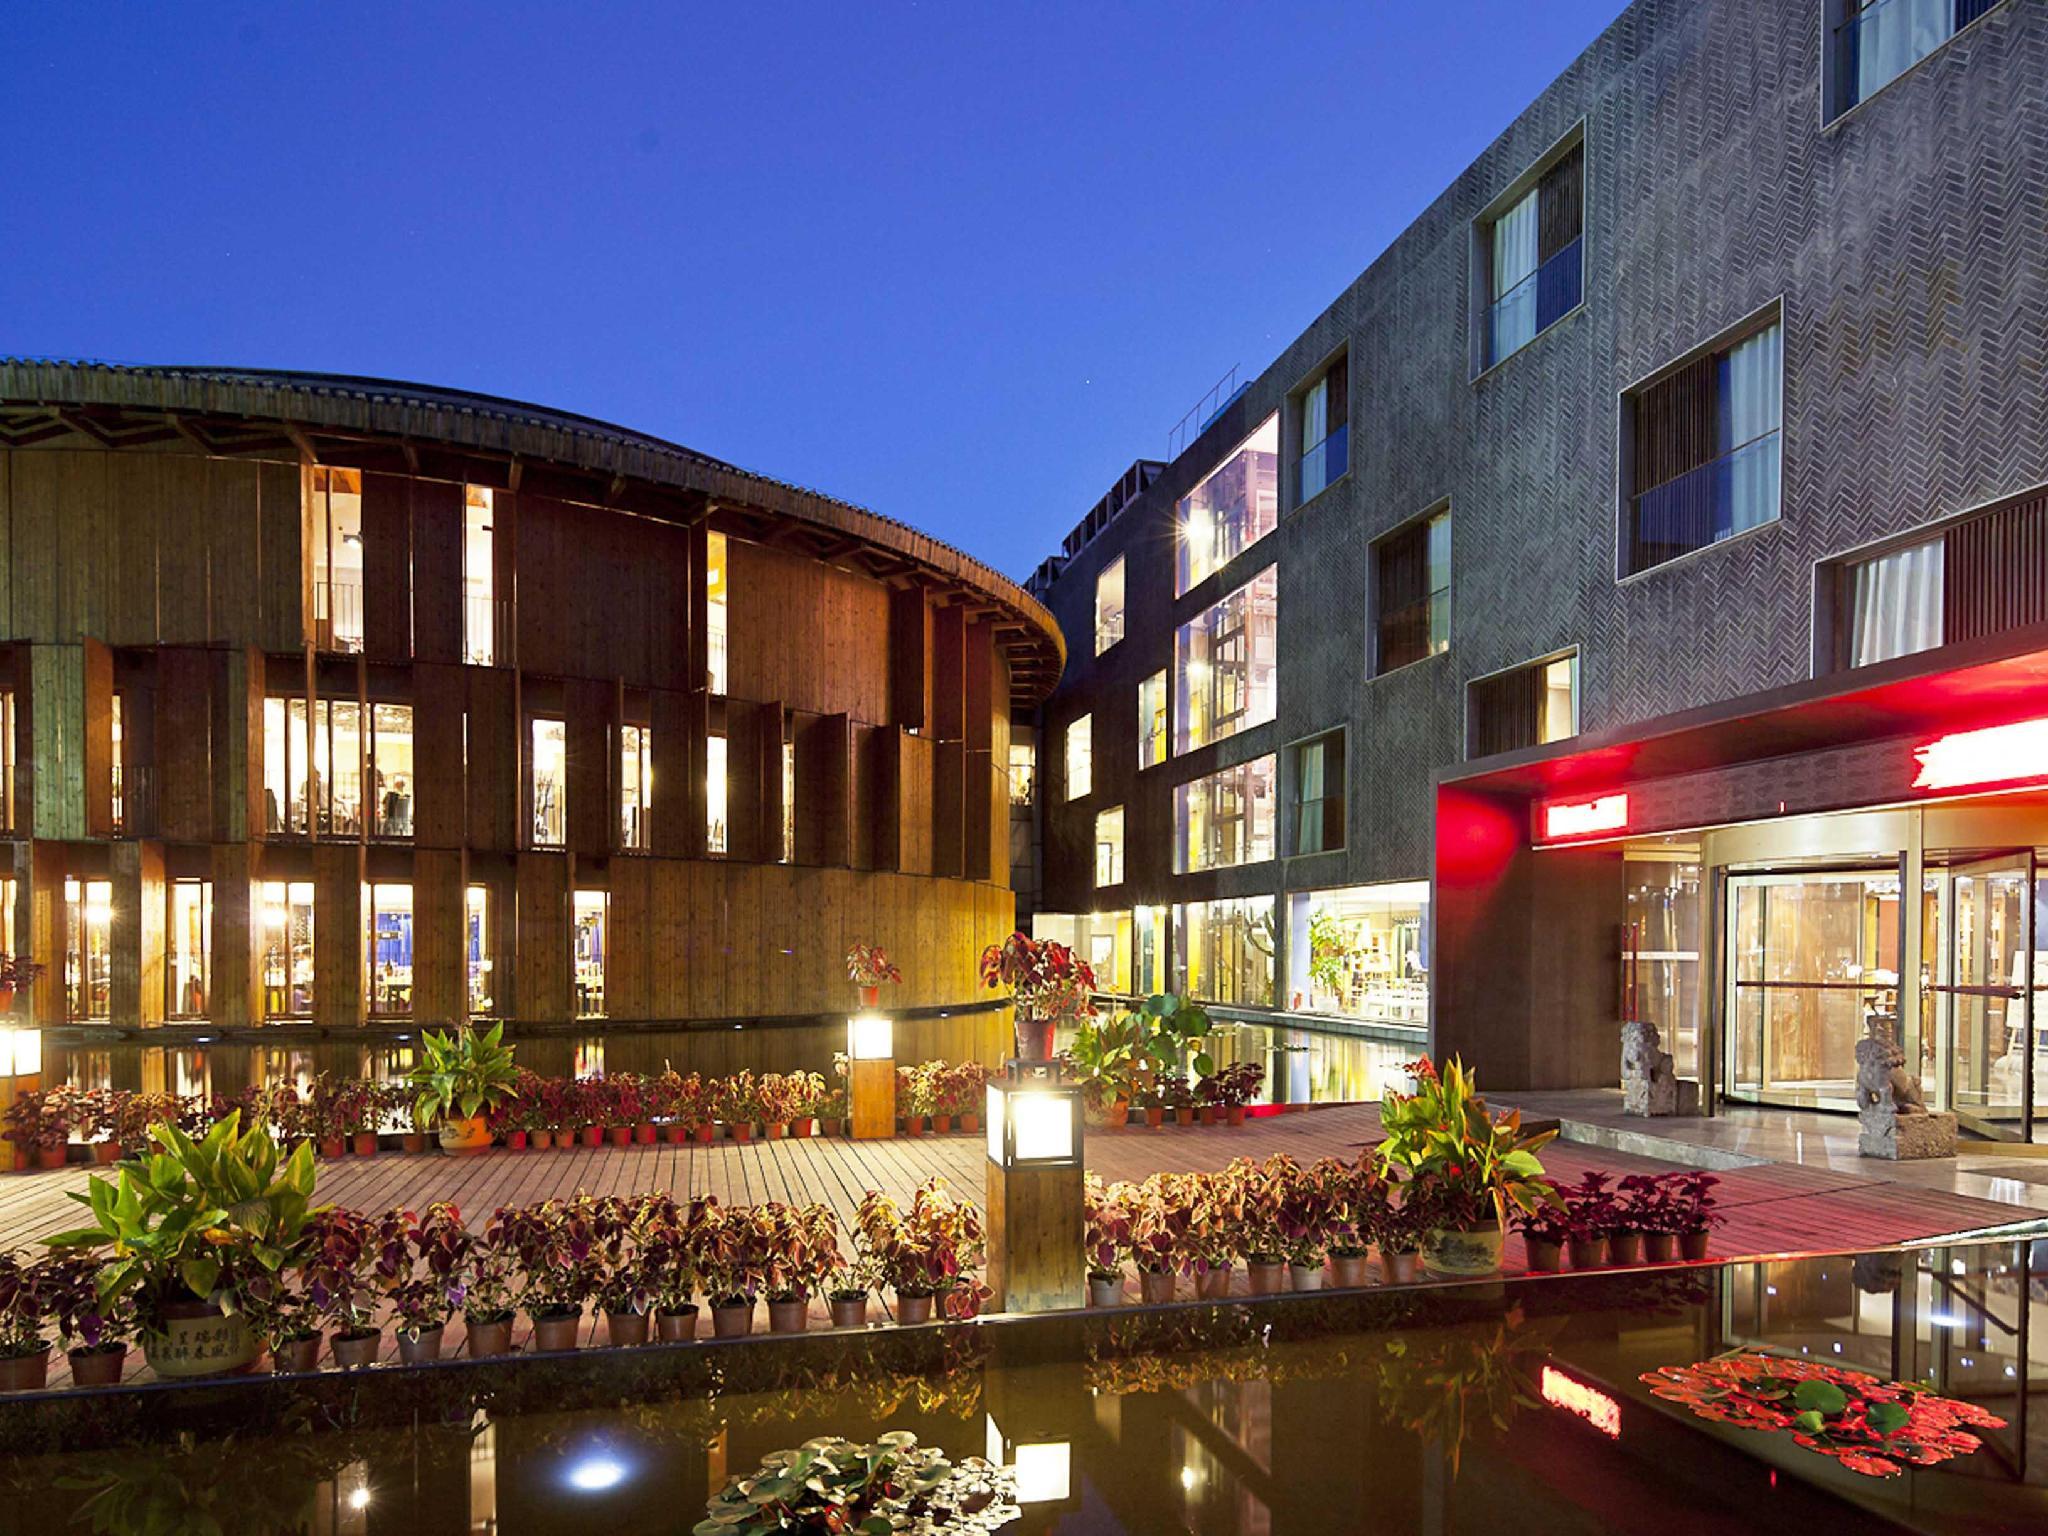 China Community Art and Culture Hotel Qingdao, Qingdao